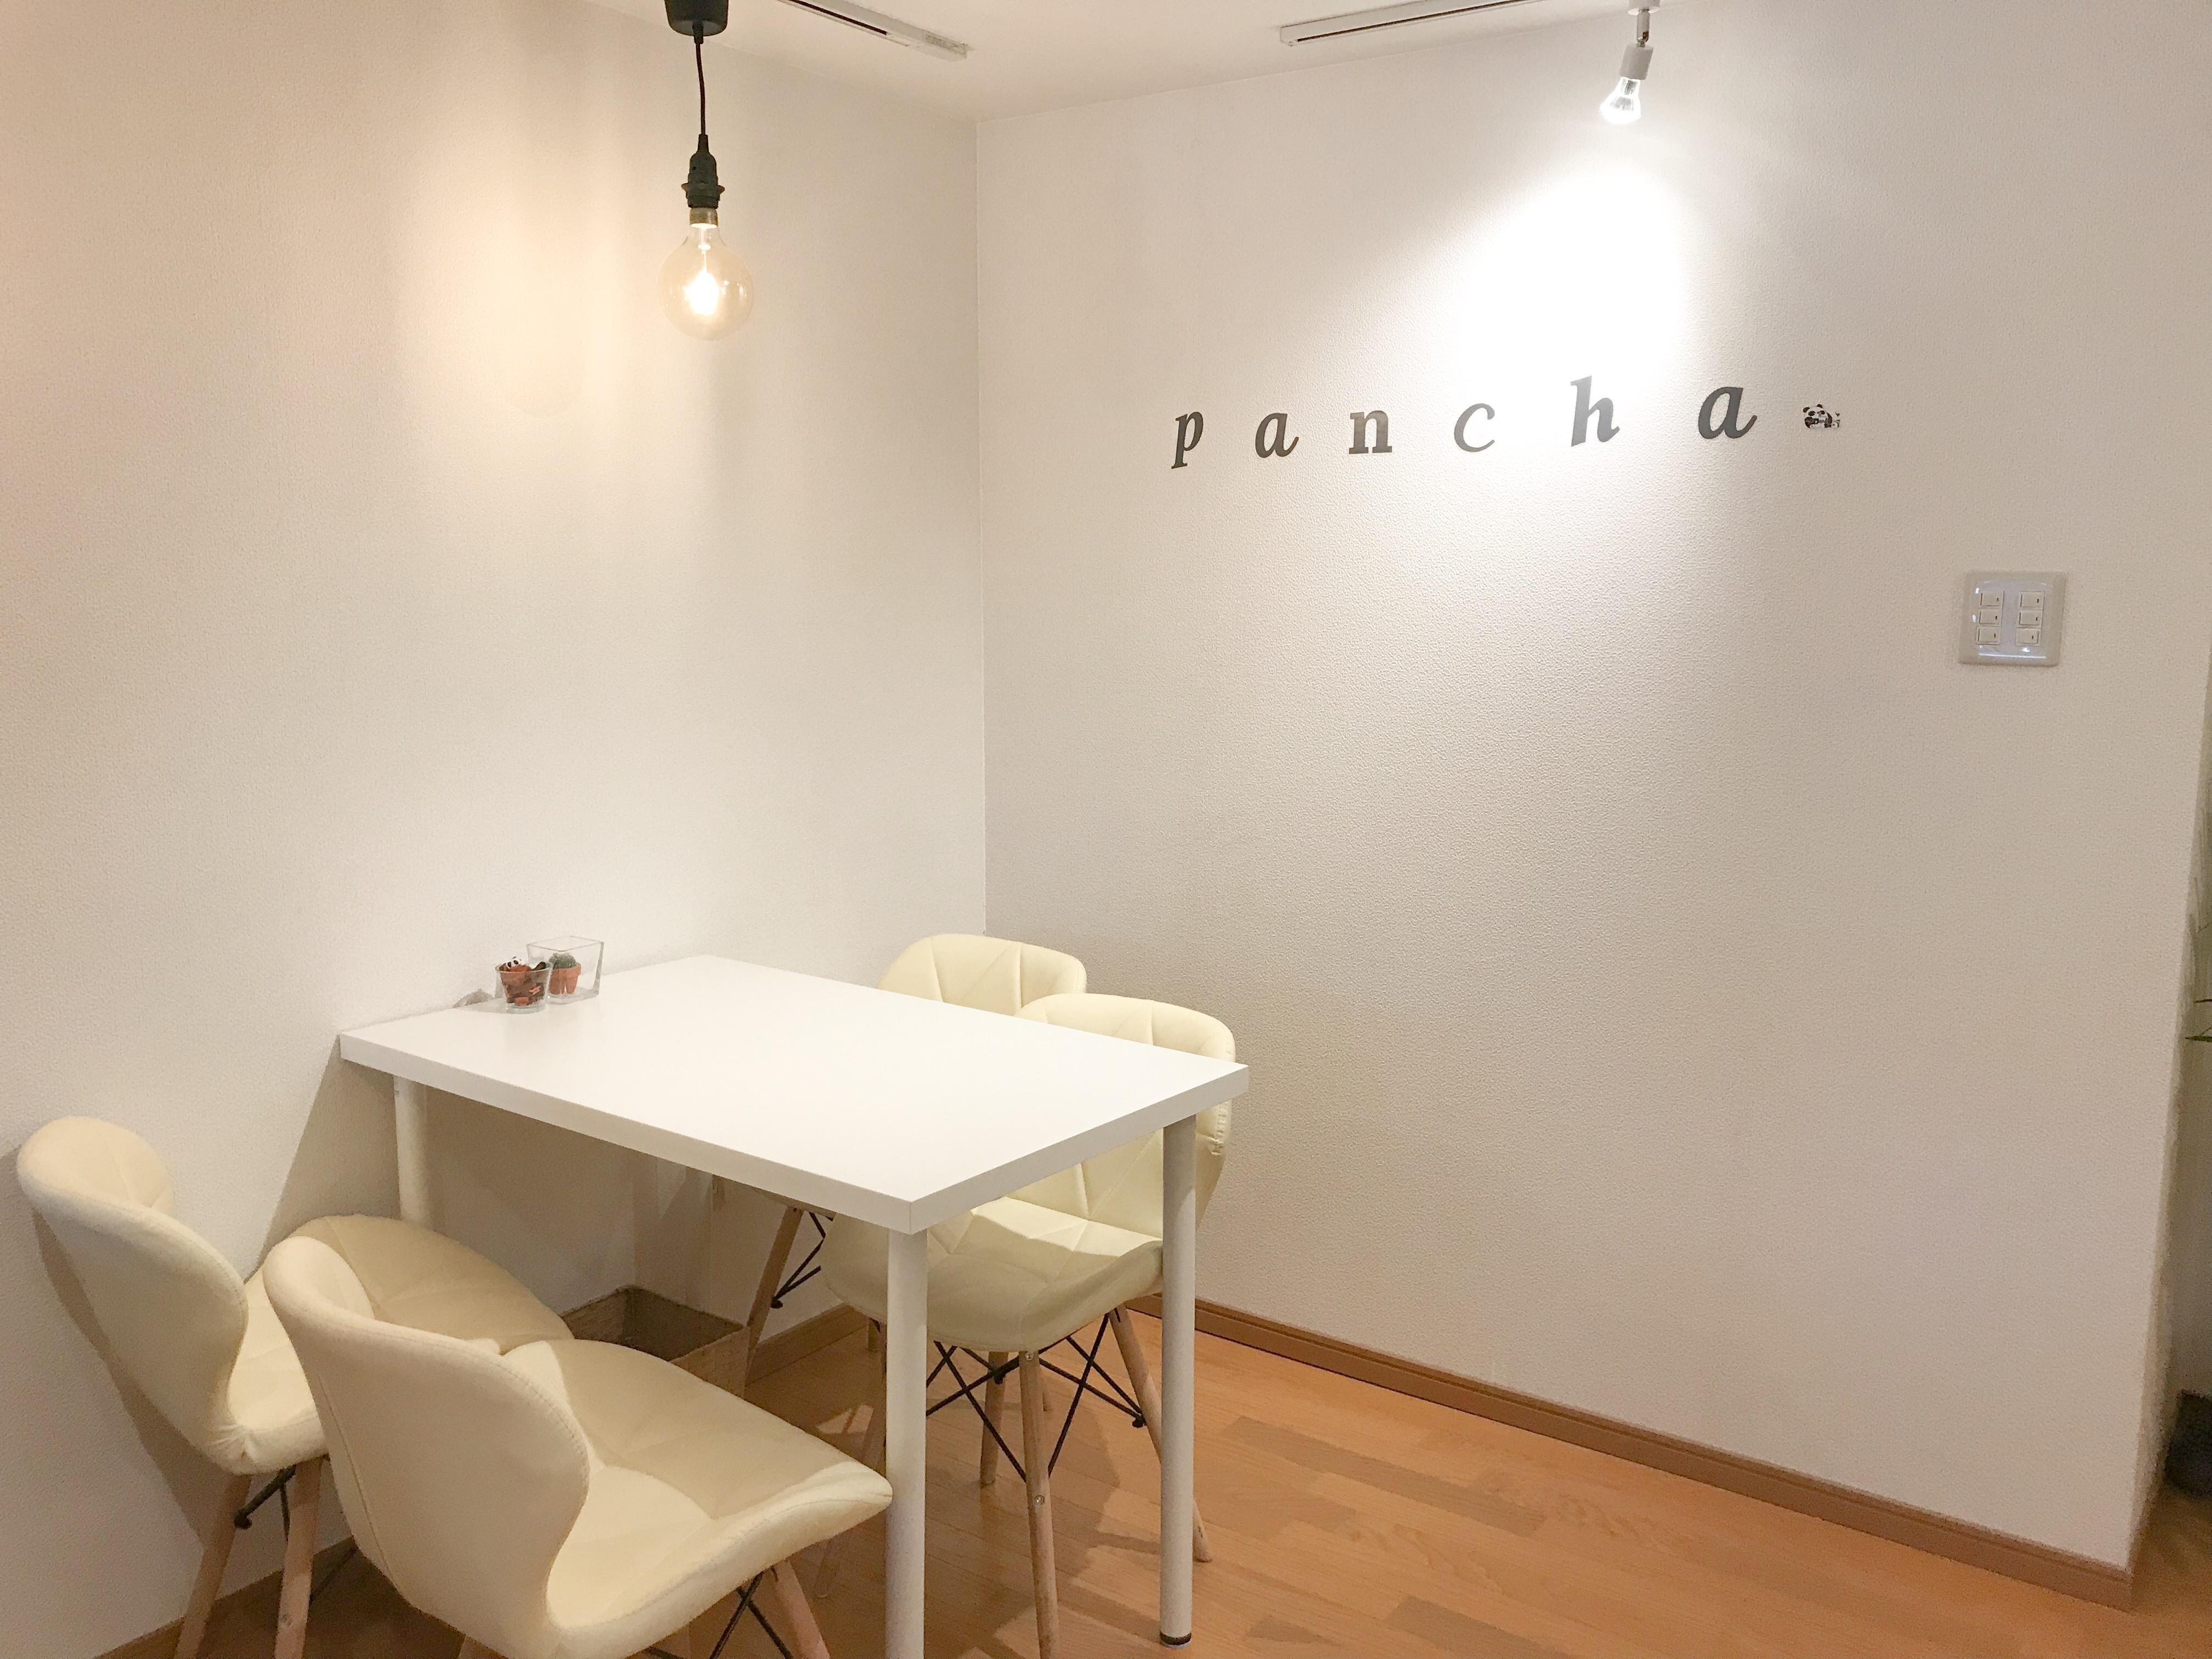 パンダがコンセプト!タピオカドリンクのお店「Pancha(パンチャ)」が大須にオープン - pancha5